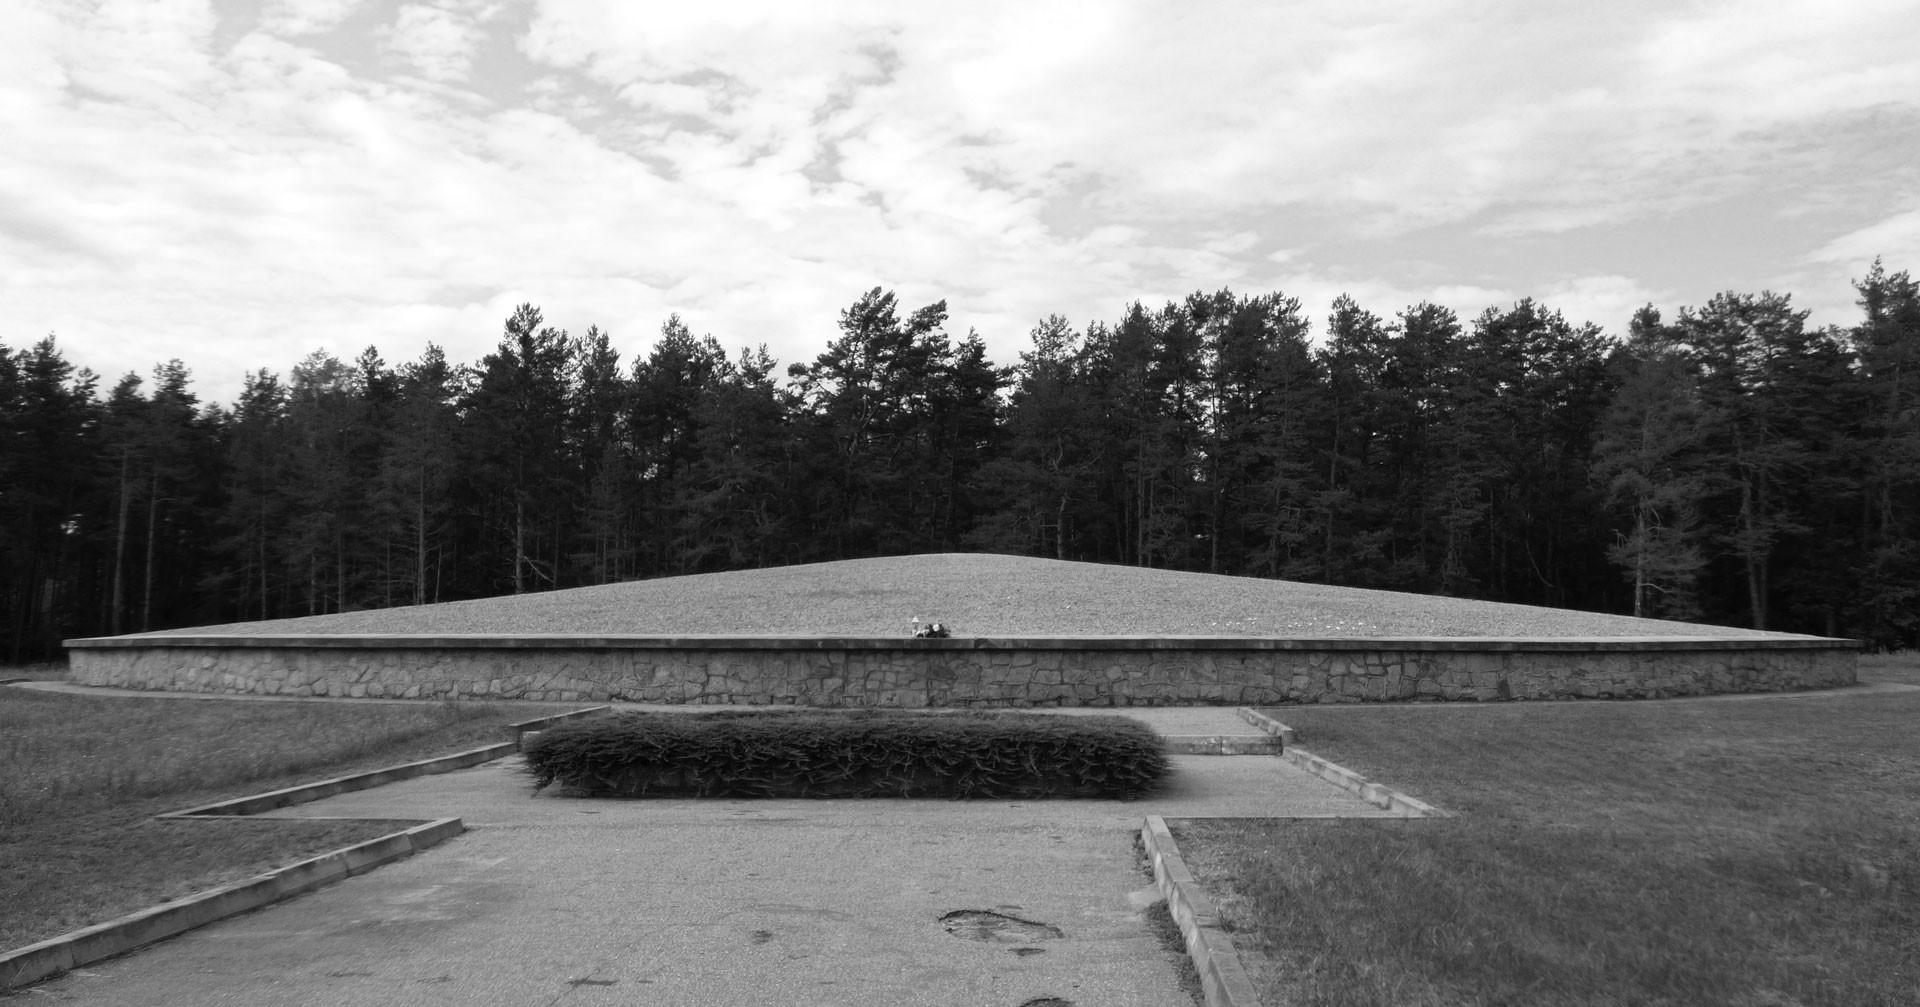 Памятник мемориального лагеря уничтожения Собибора — пирамида песка, смешанная с золой человека. Фото: © flickr/damian entwistle